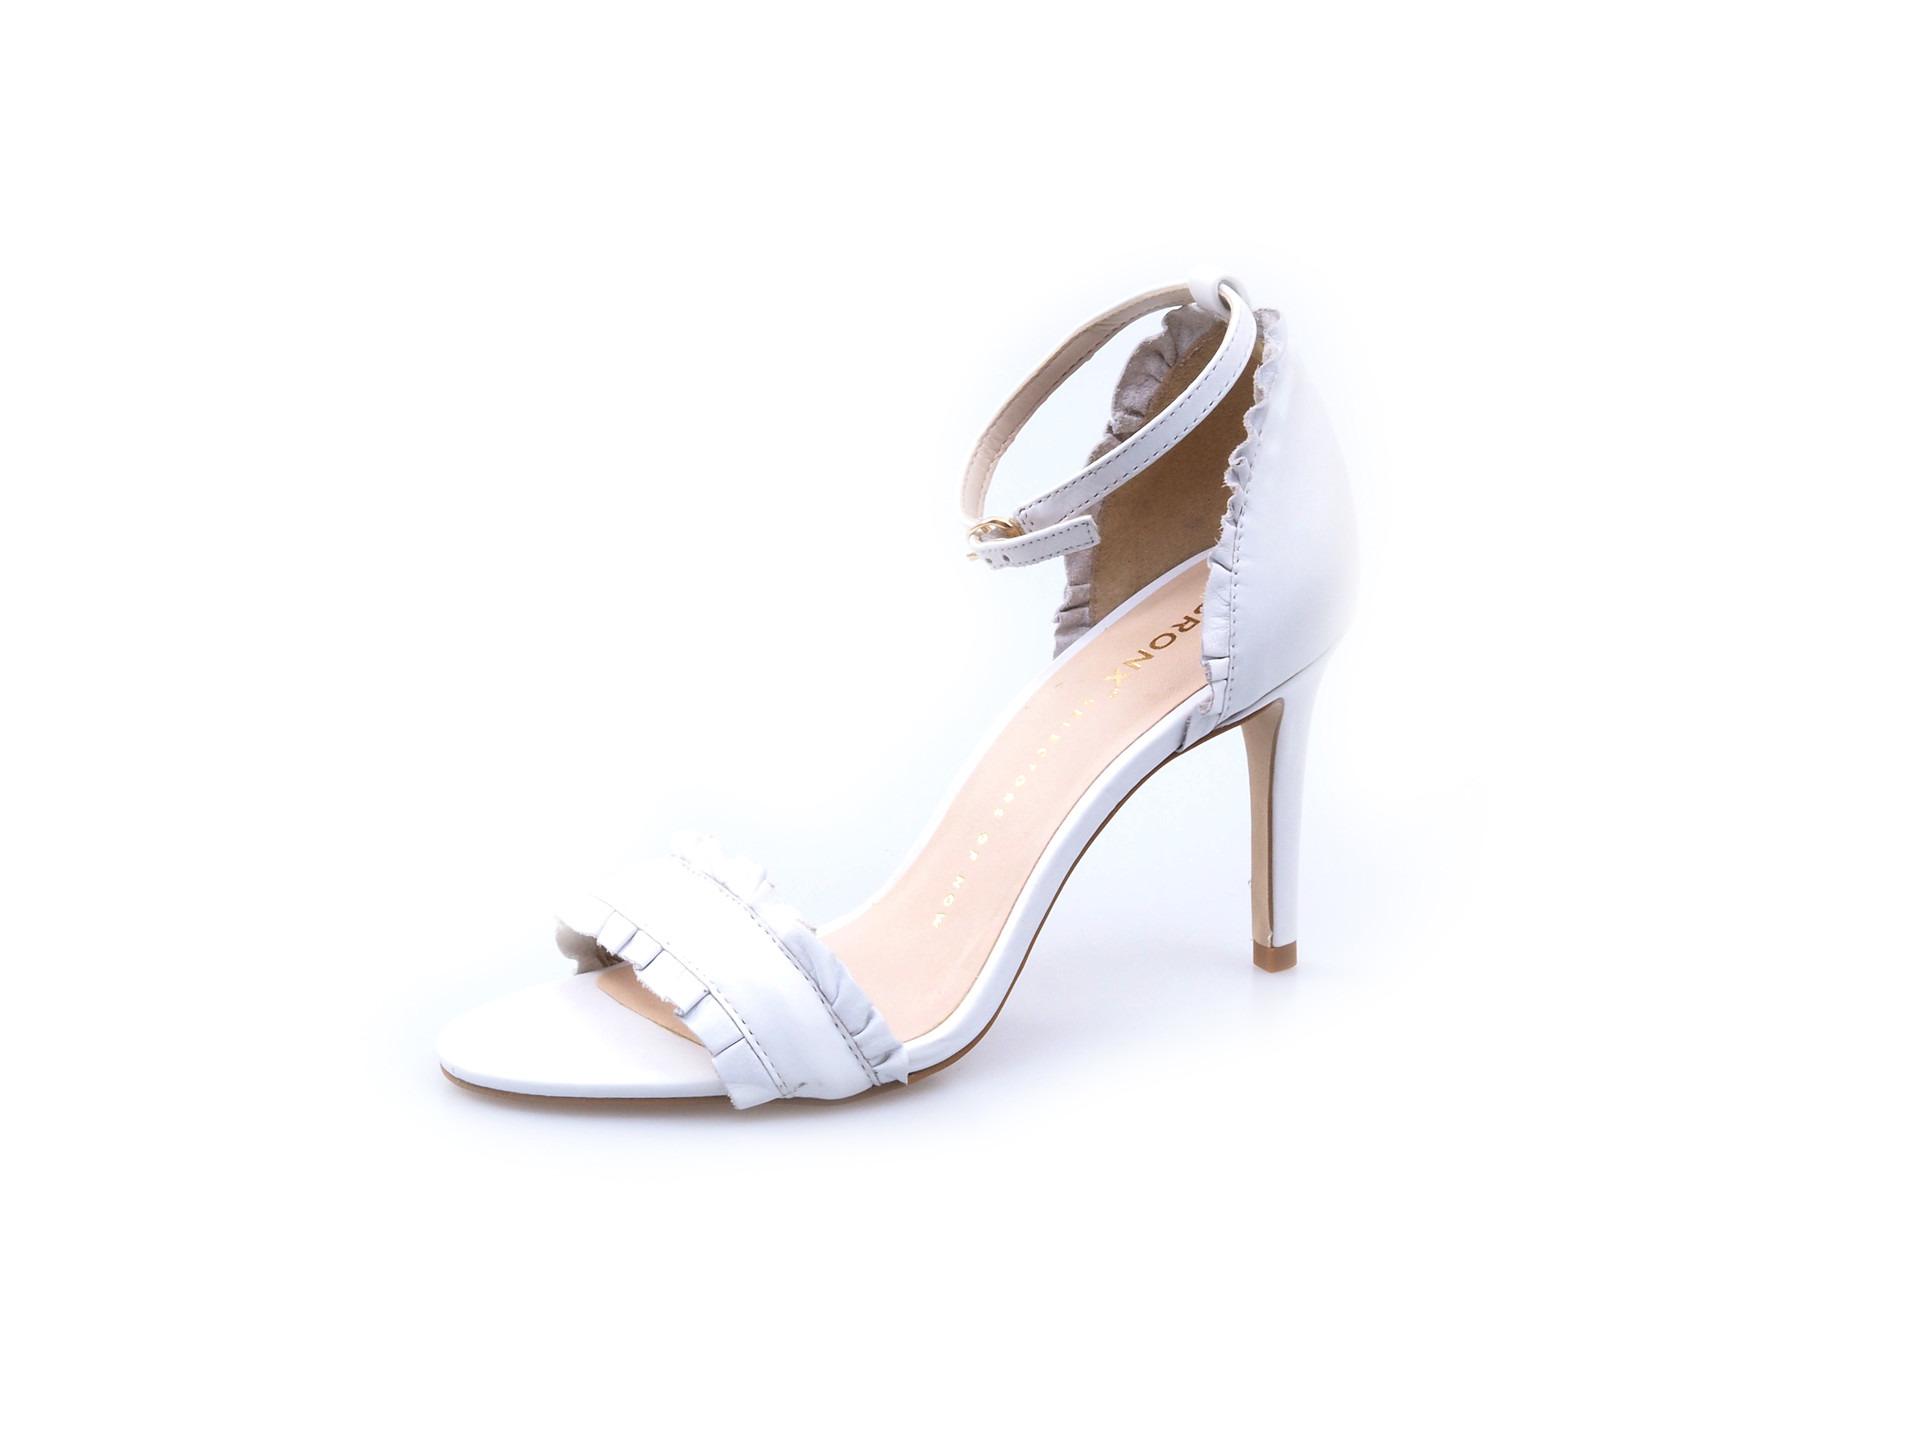 feb651576aa8 Soňa - Dámska obuv - Spoločenská obuv - Bronx dámska spoločenská ...